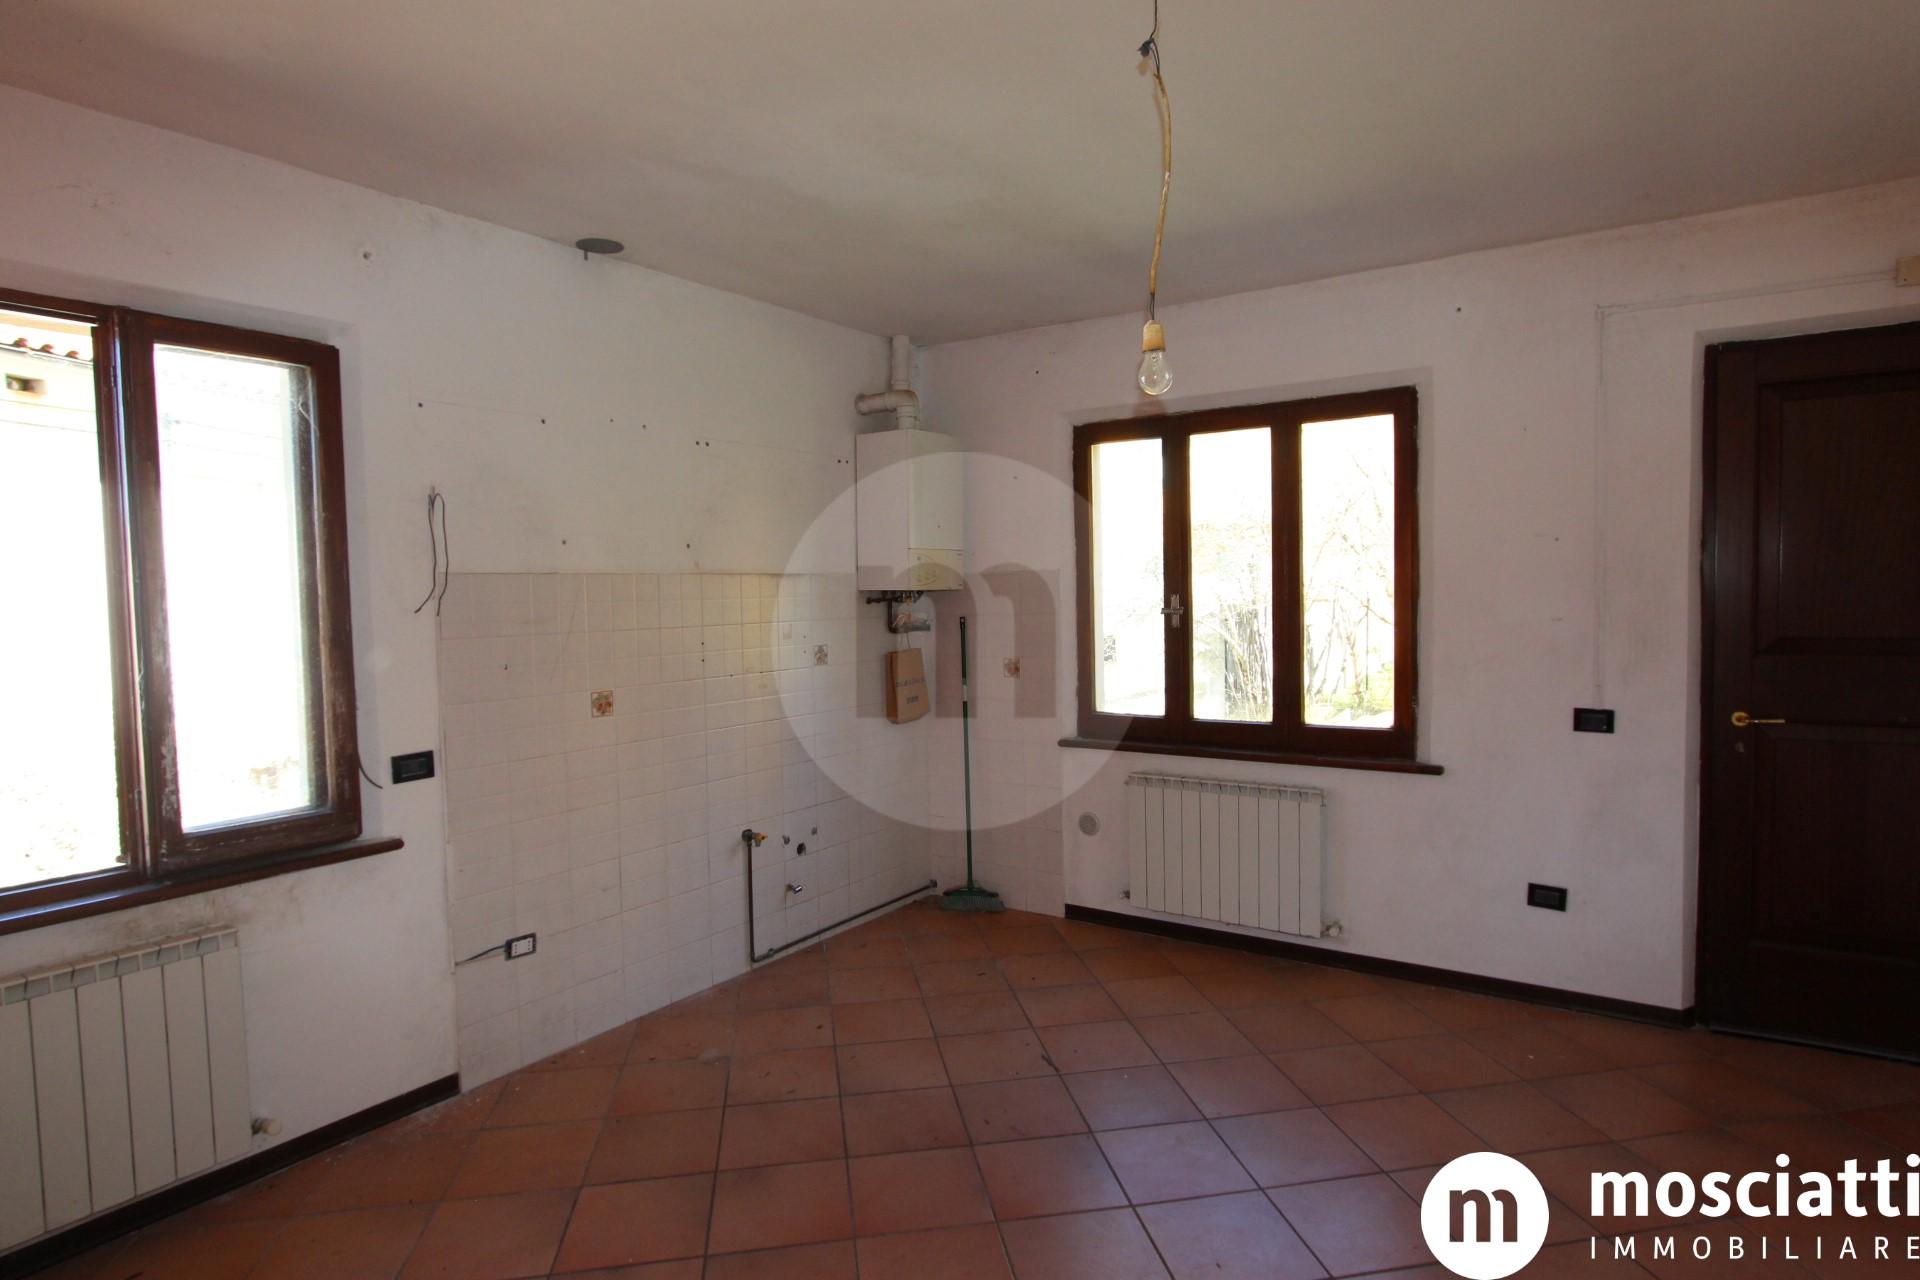 MATELICA Via San Rocco, vendesi APPARTAMENTI con ingresso indipendente e giardino cod - 1